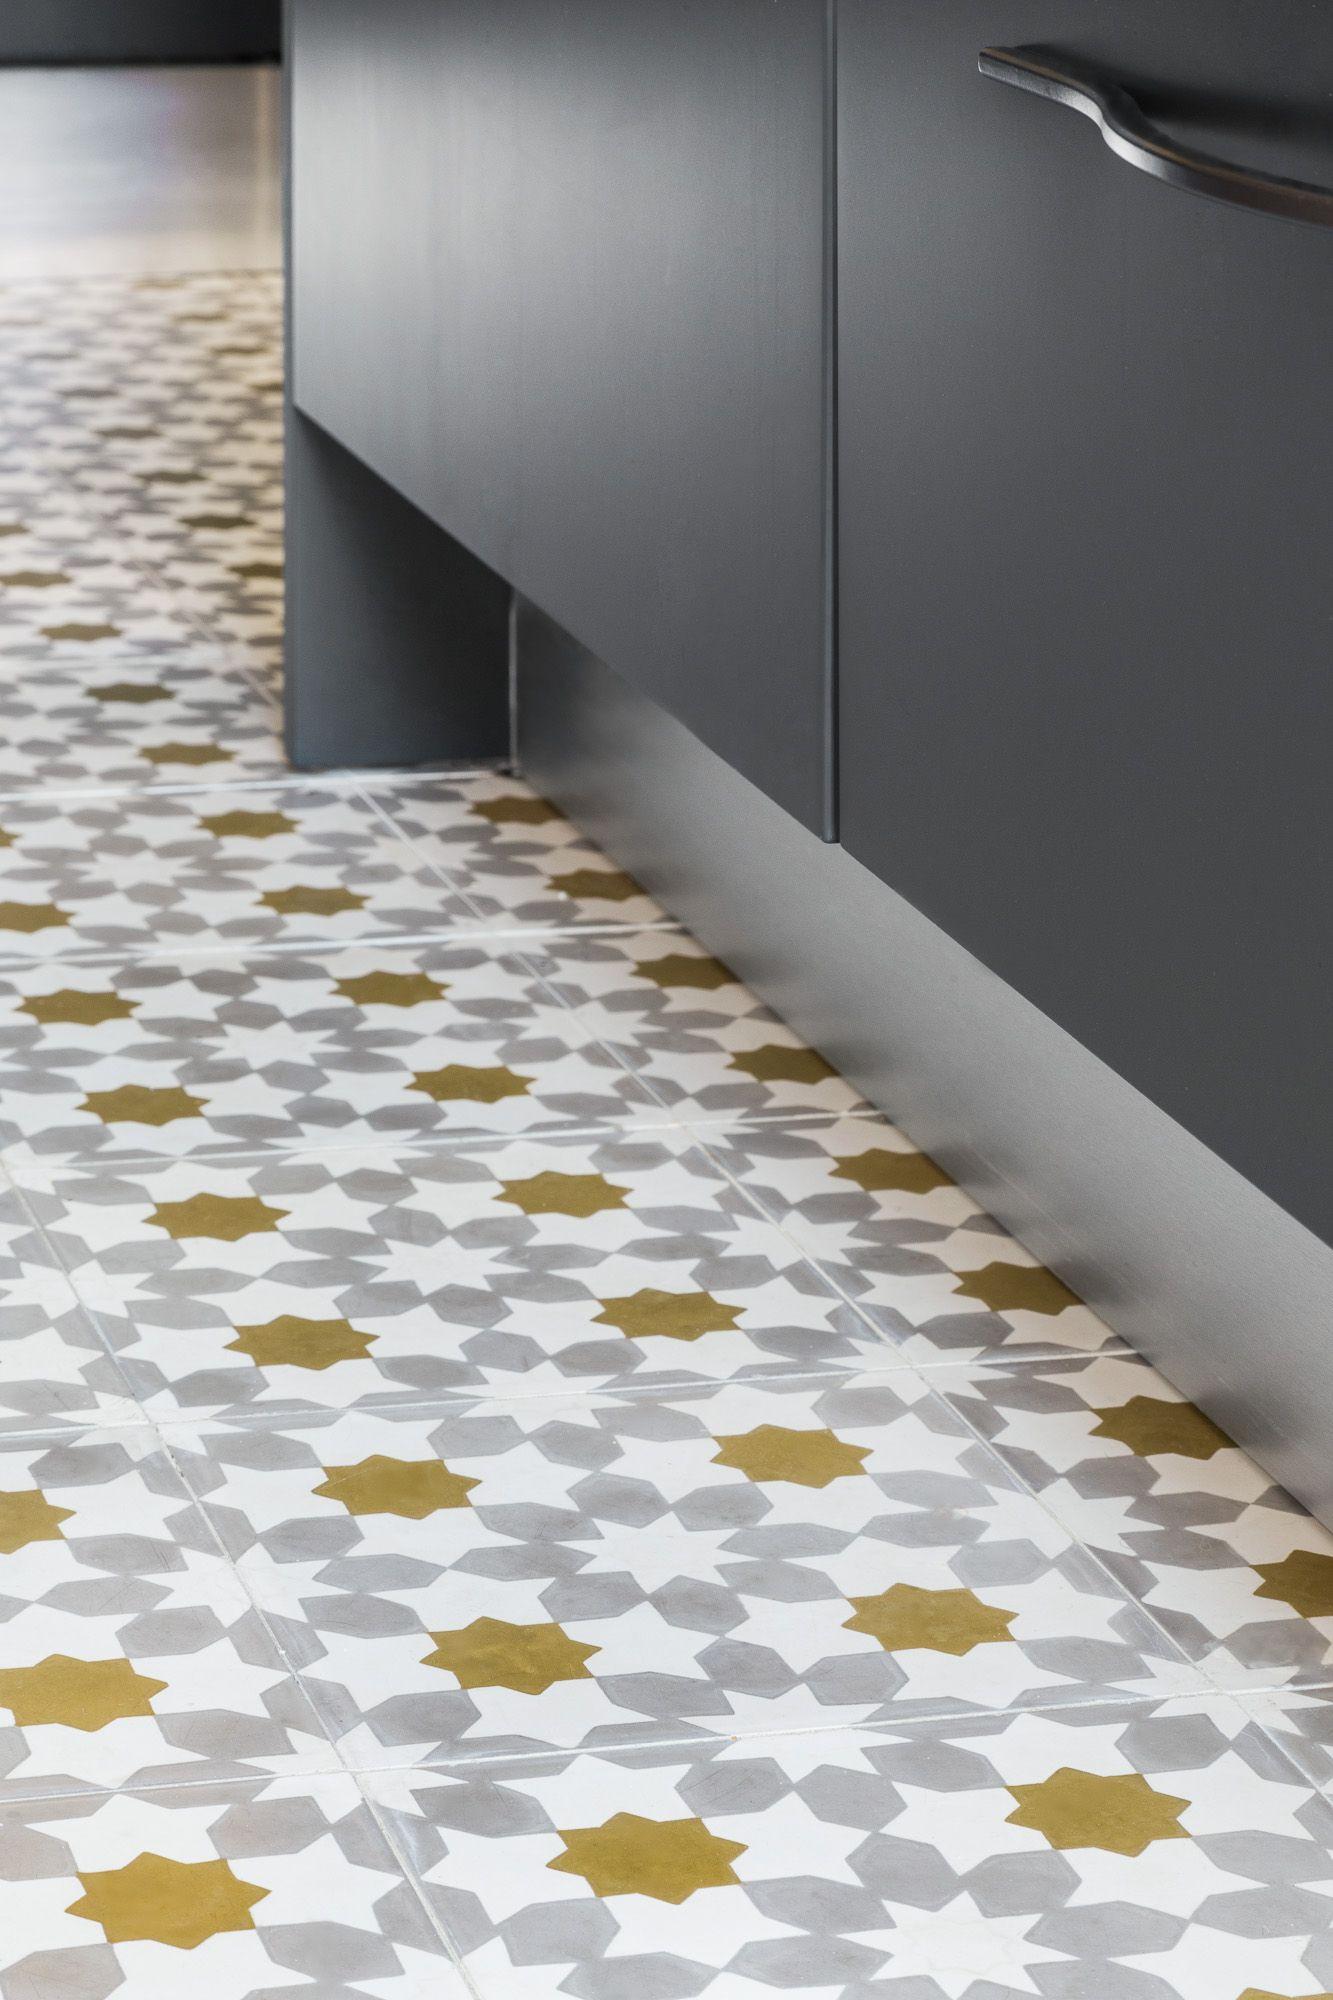 Carreaux ciment toil s et dor s dans la cuisine appartement haussmannien parisien r am nag Carrelage ciment cuisine